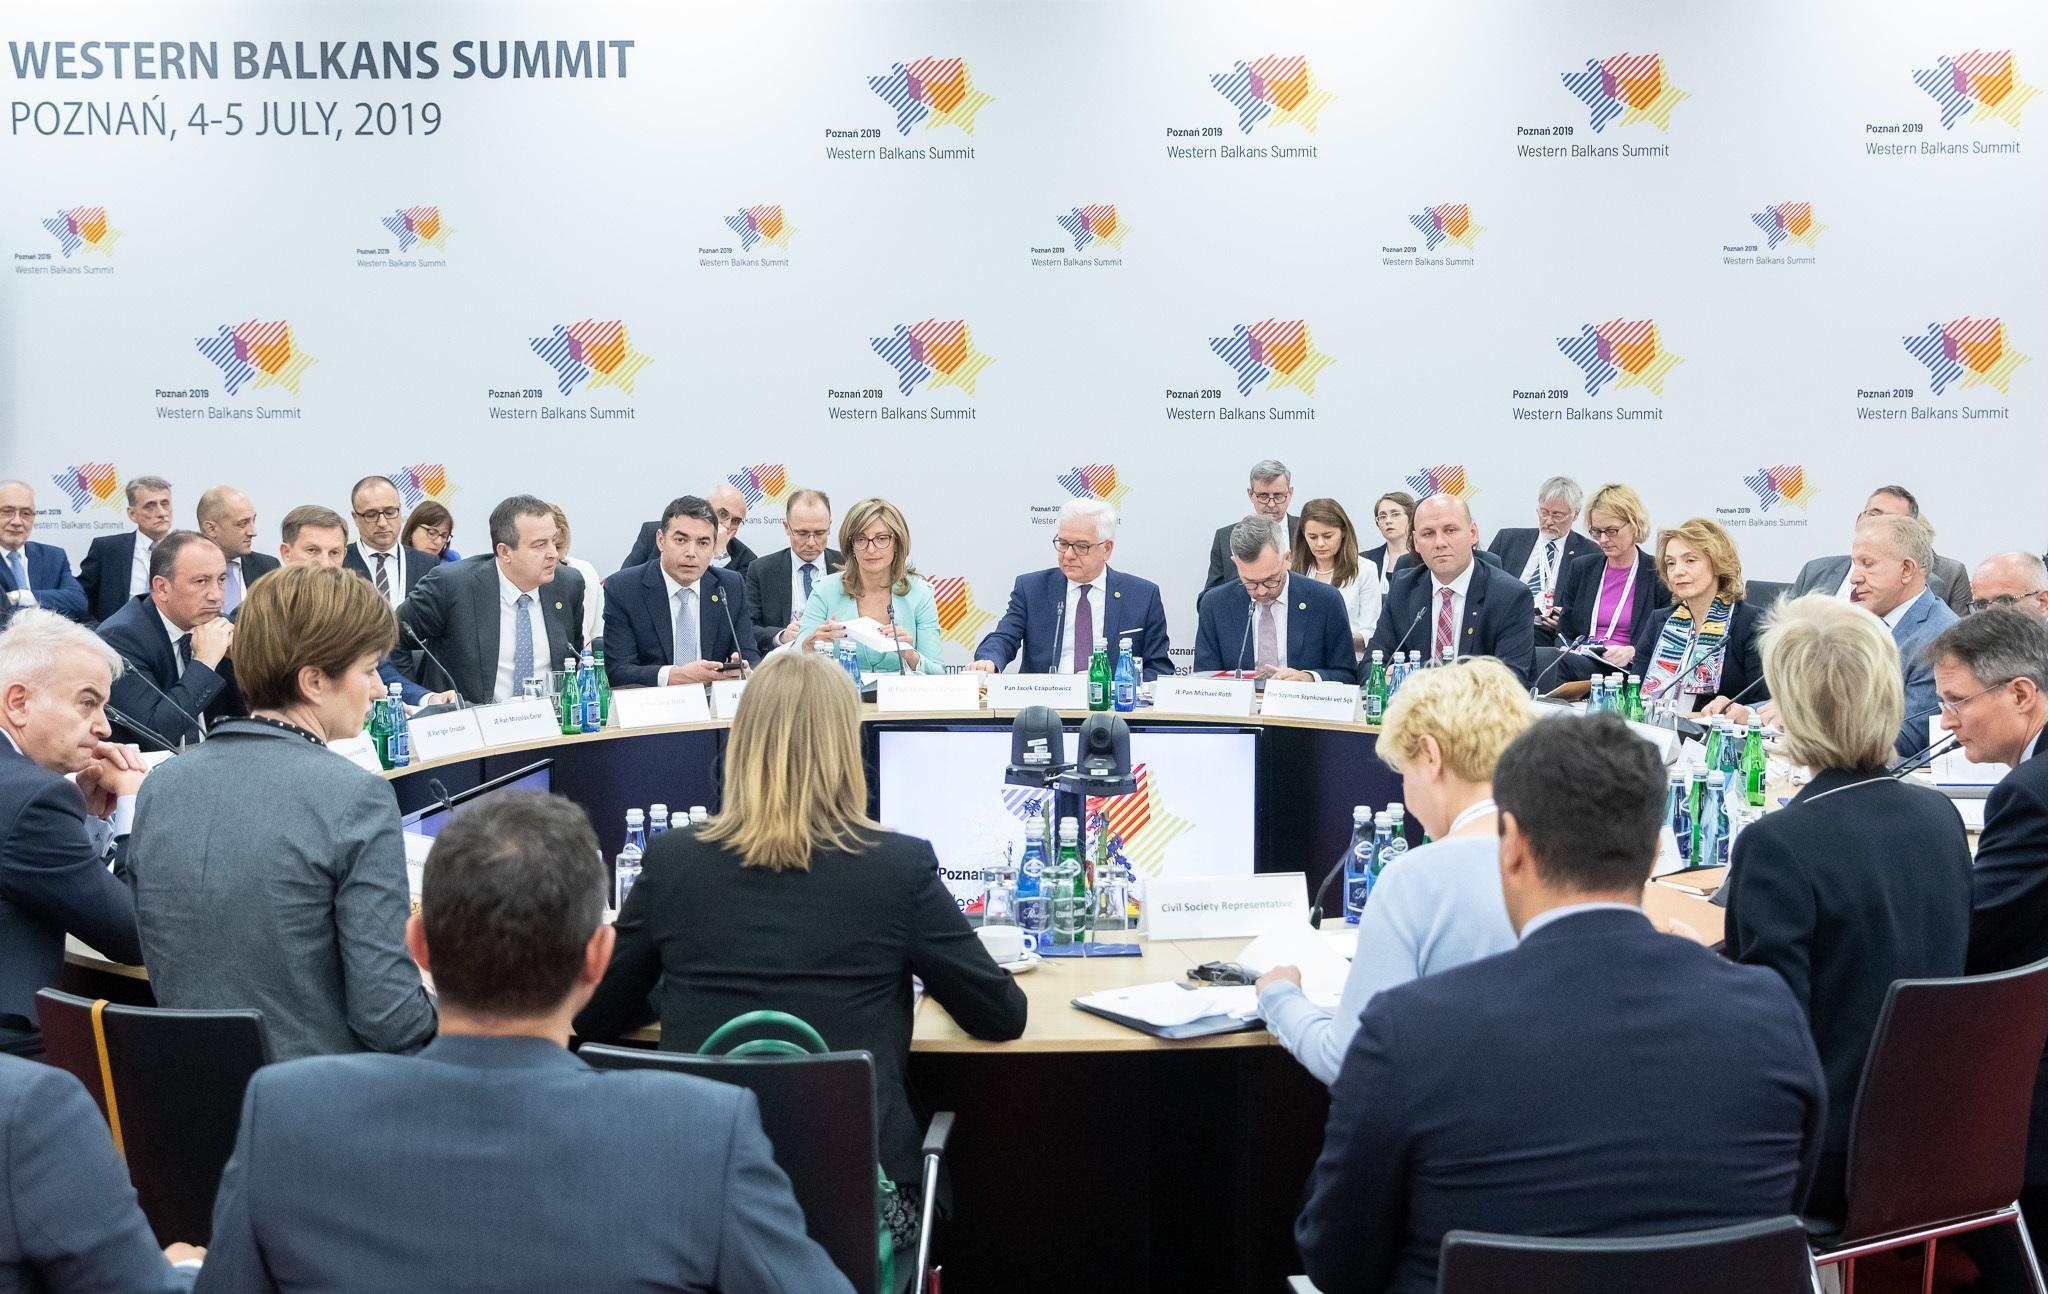 """Budućnost Berlinskog procesa: hoće li ekonomija i politika ići """"ruku pod ruku""""?"""